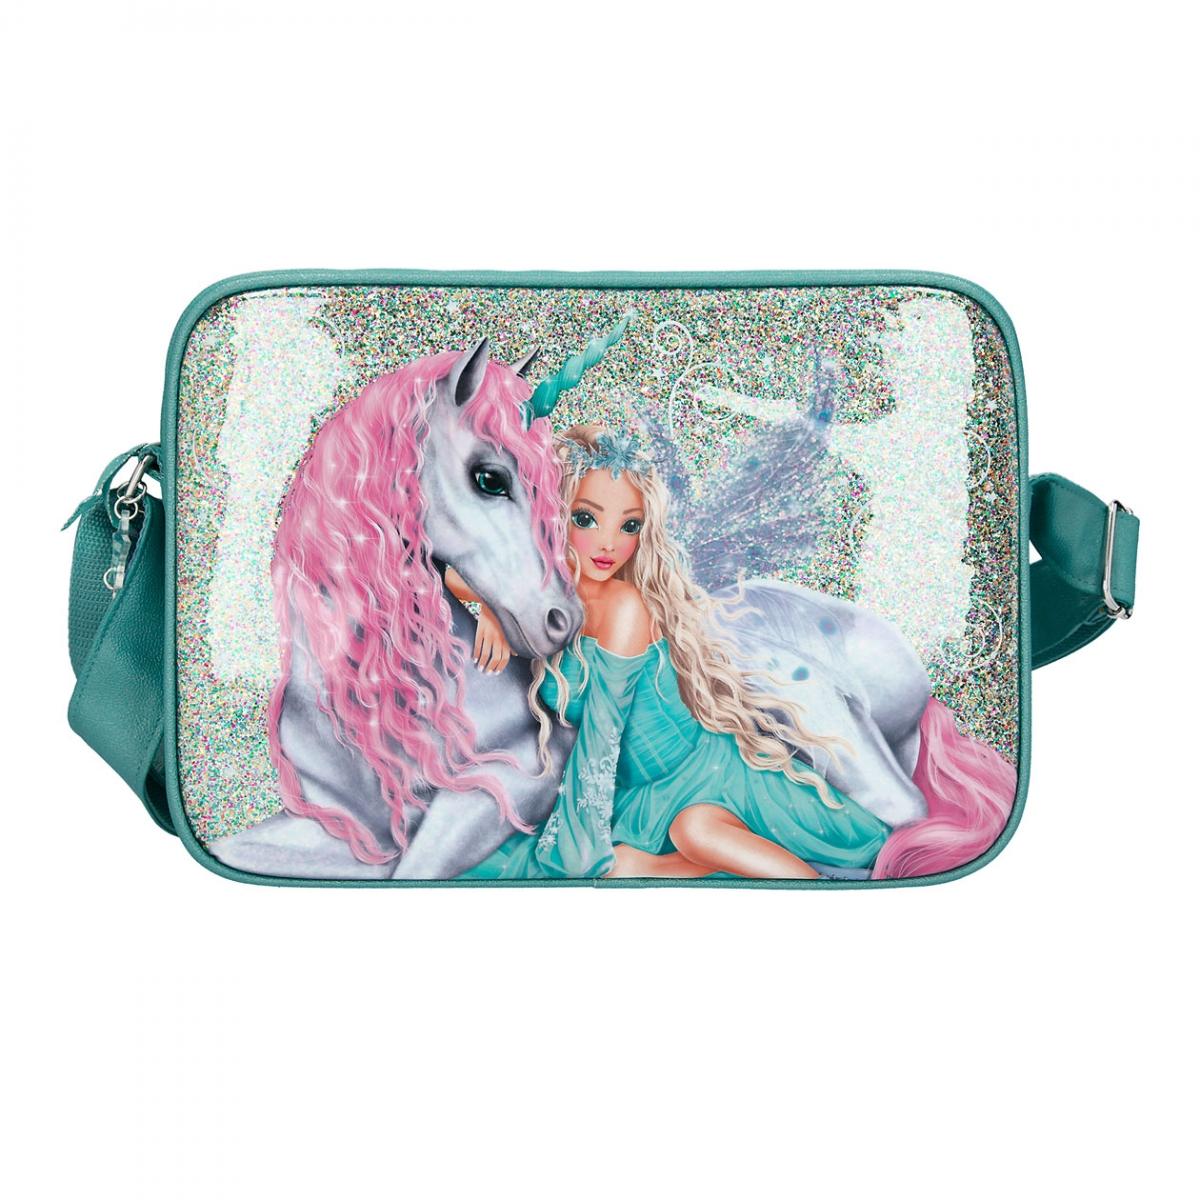 Top Model - Fantasy Shoulder Bag - Icefriends (11188)